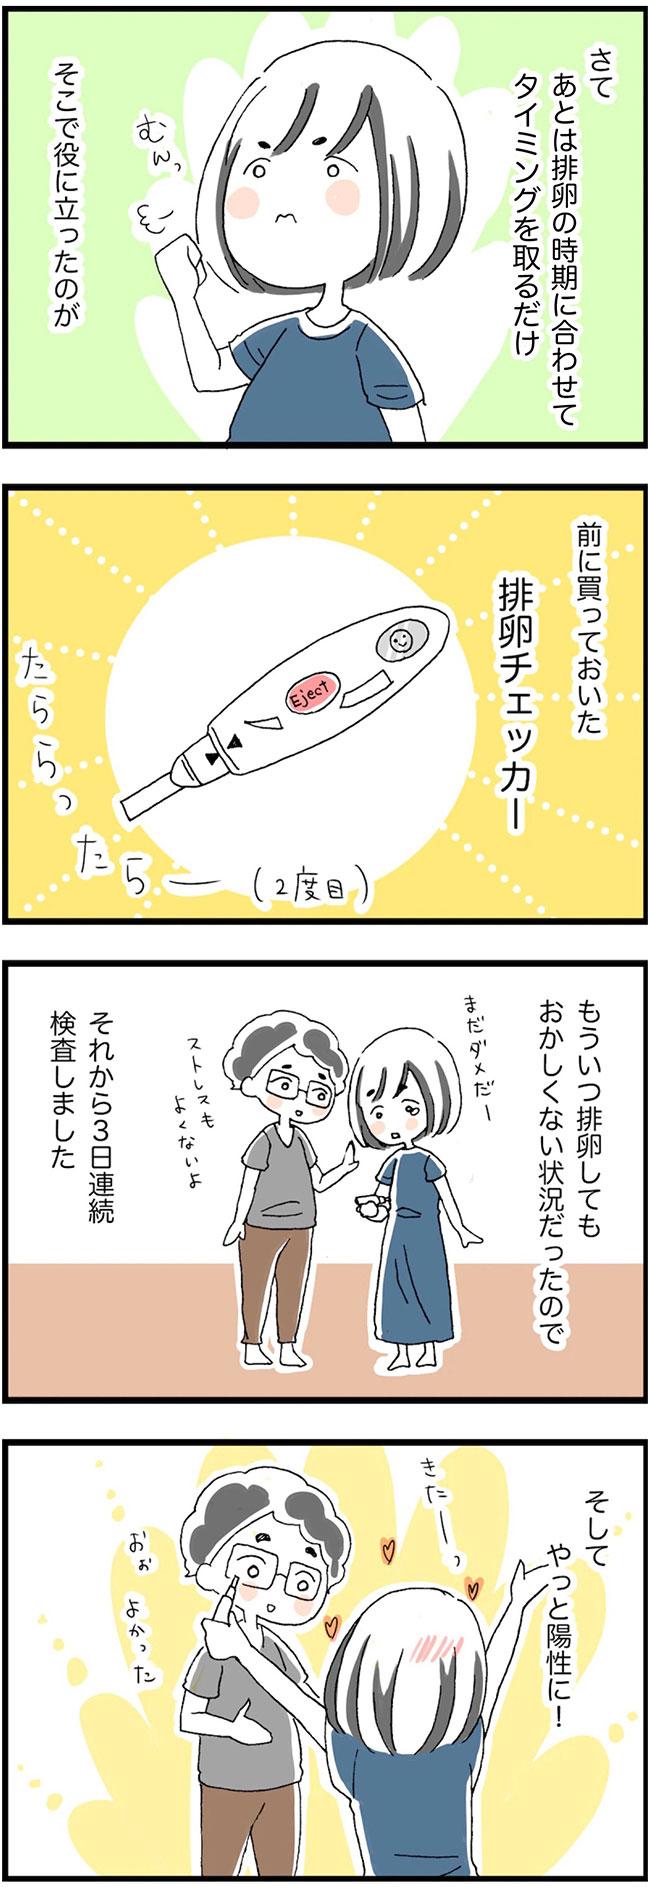 射精 後 安静 妊娠